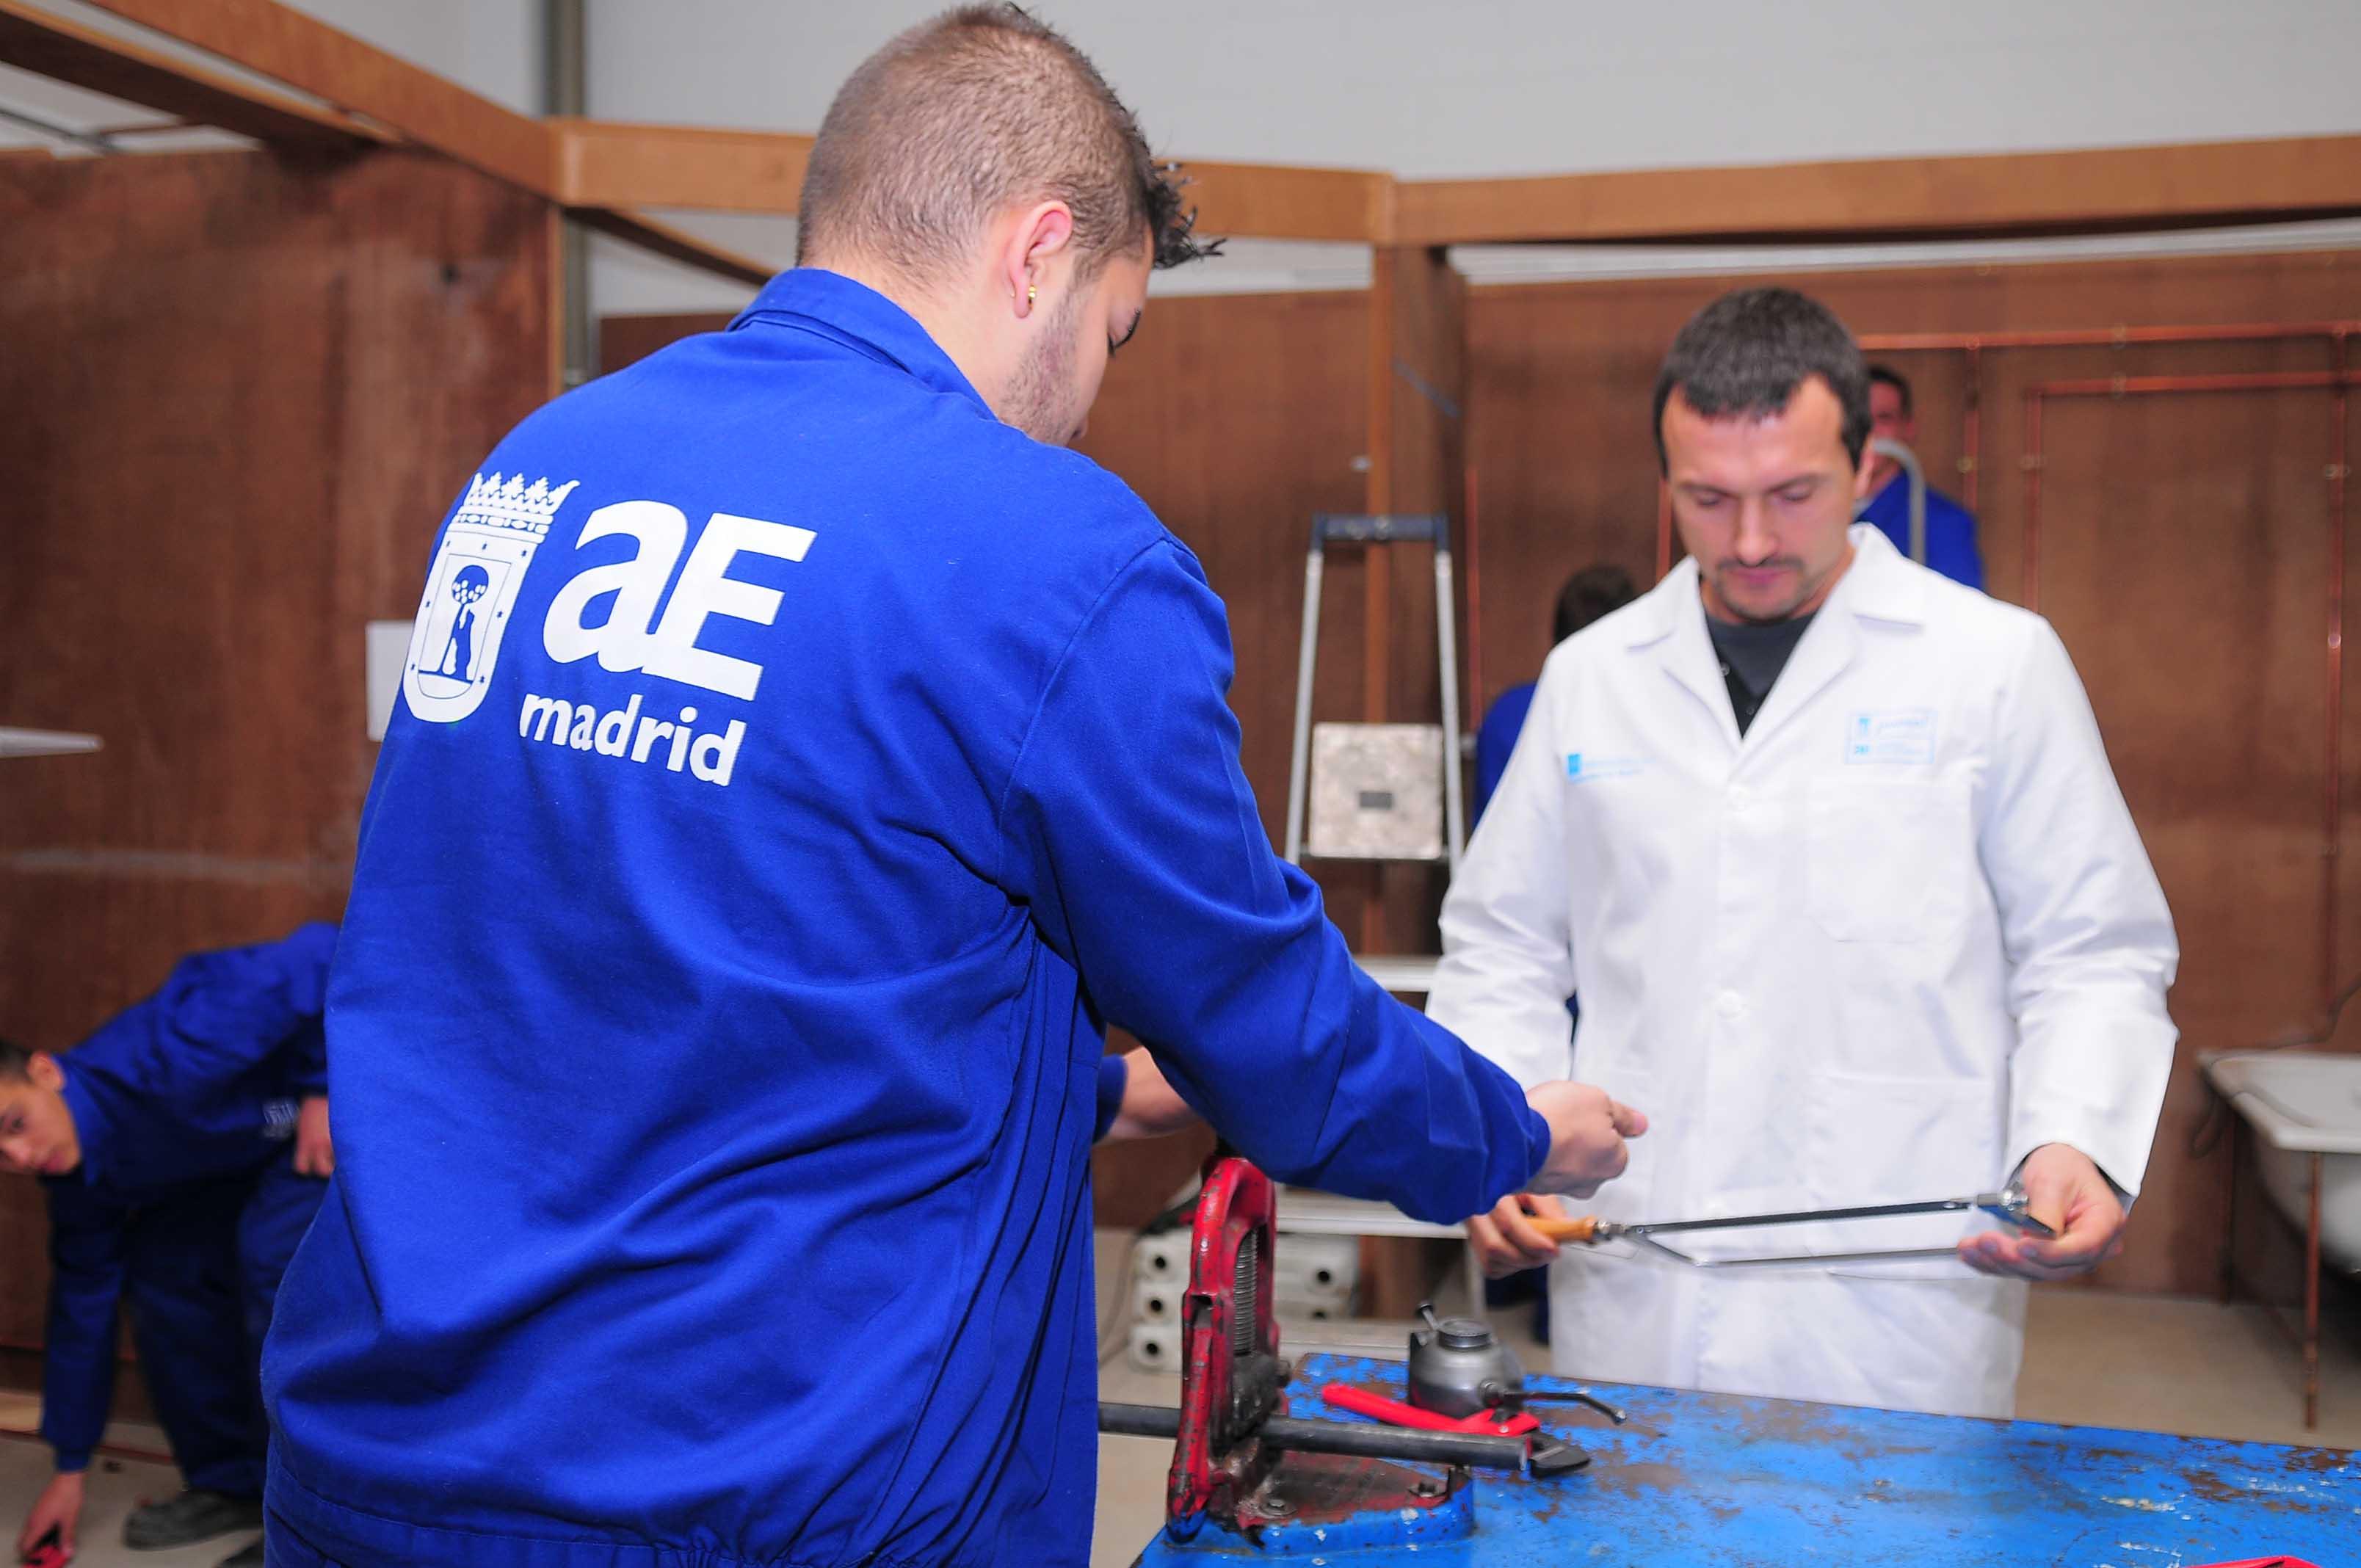 La agencia para el empleo sello de excelencia europeo for Agencia de empleo madrid